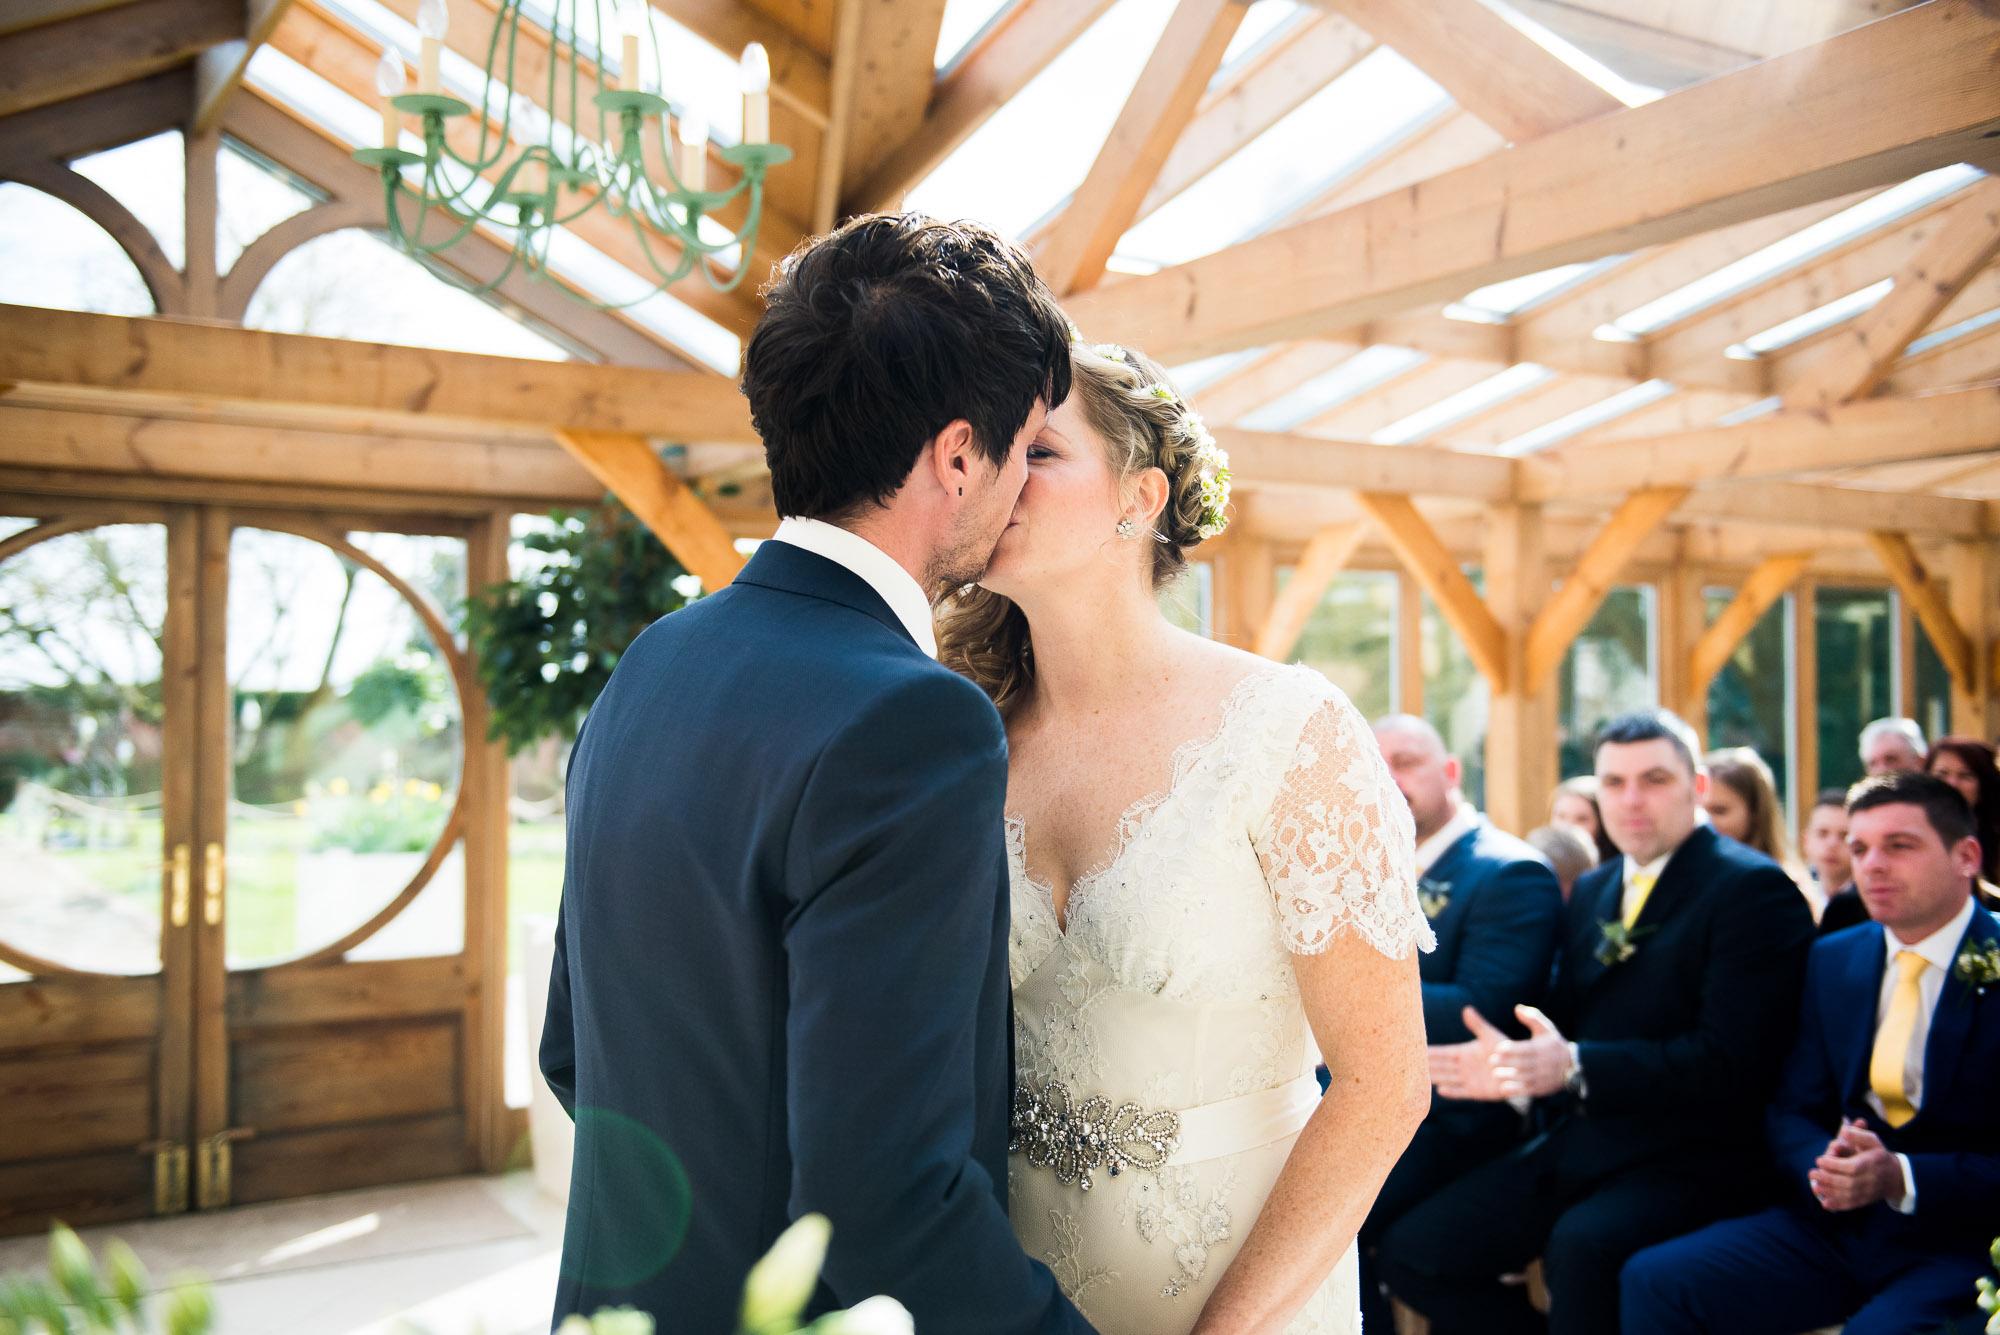 First kiss at Gaynes Park wedding